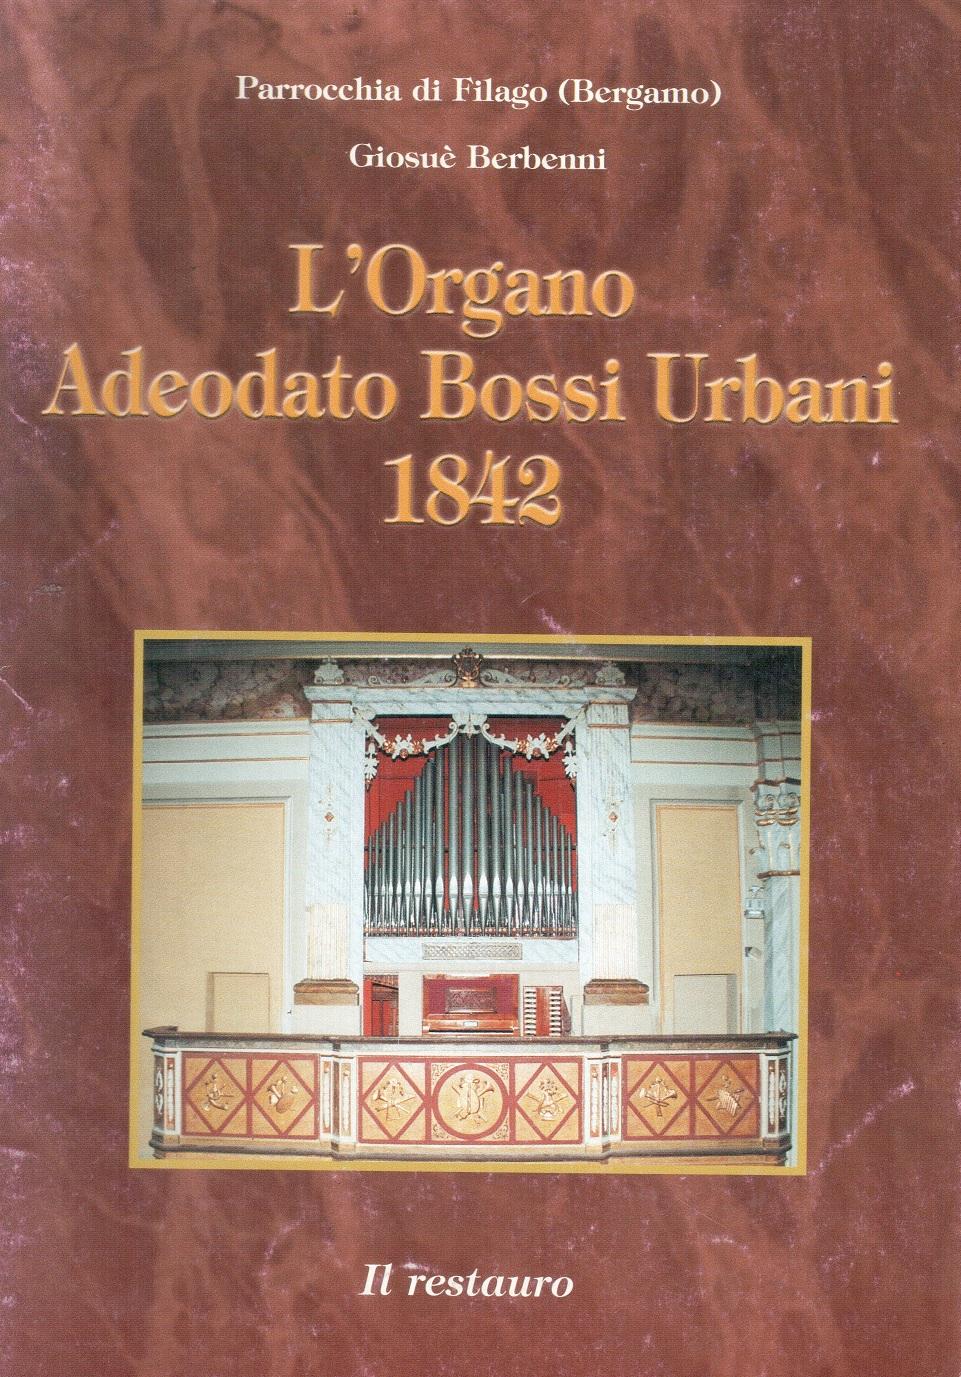 L' organo Adeodato Bossi Urbani 1842